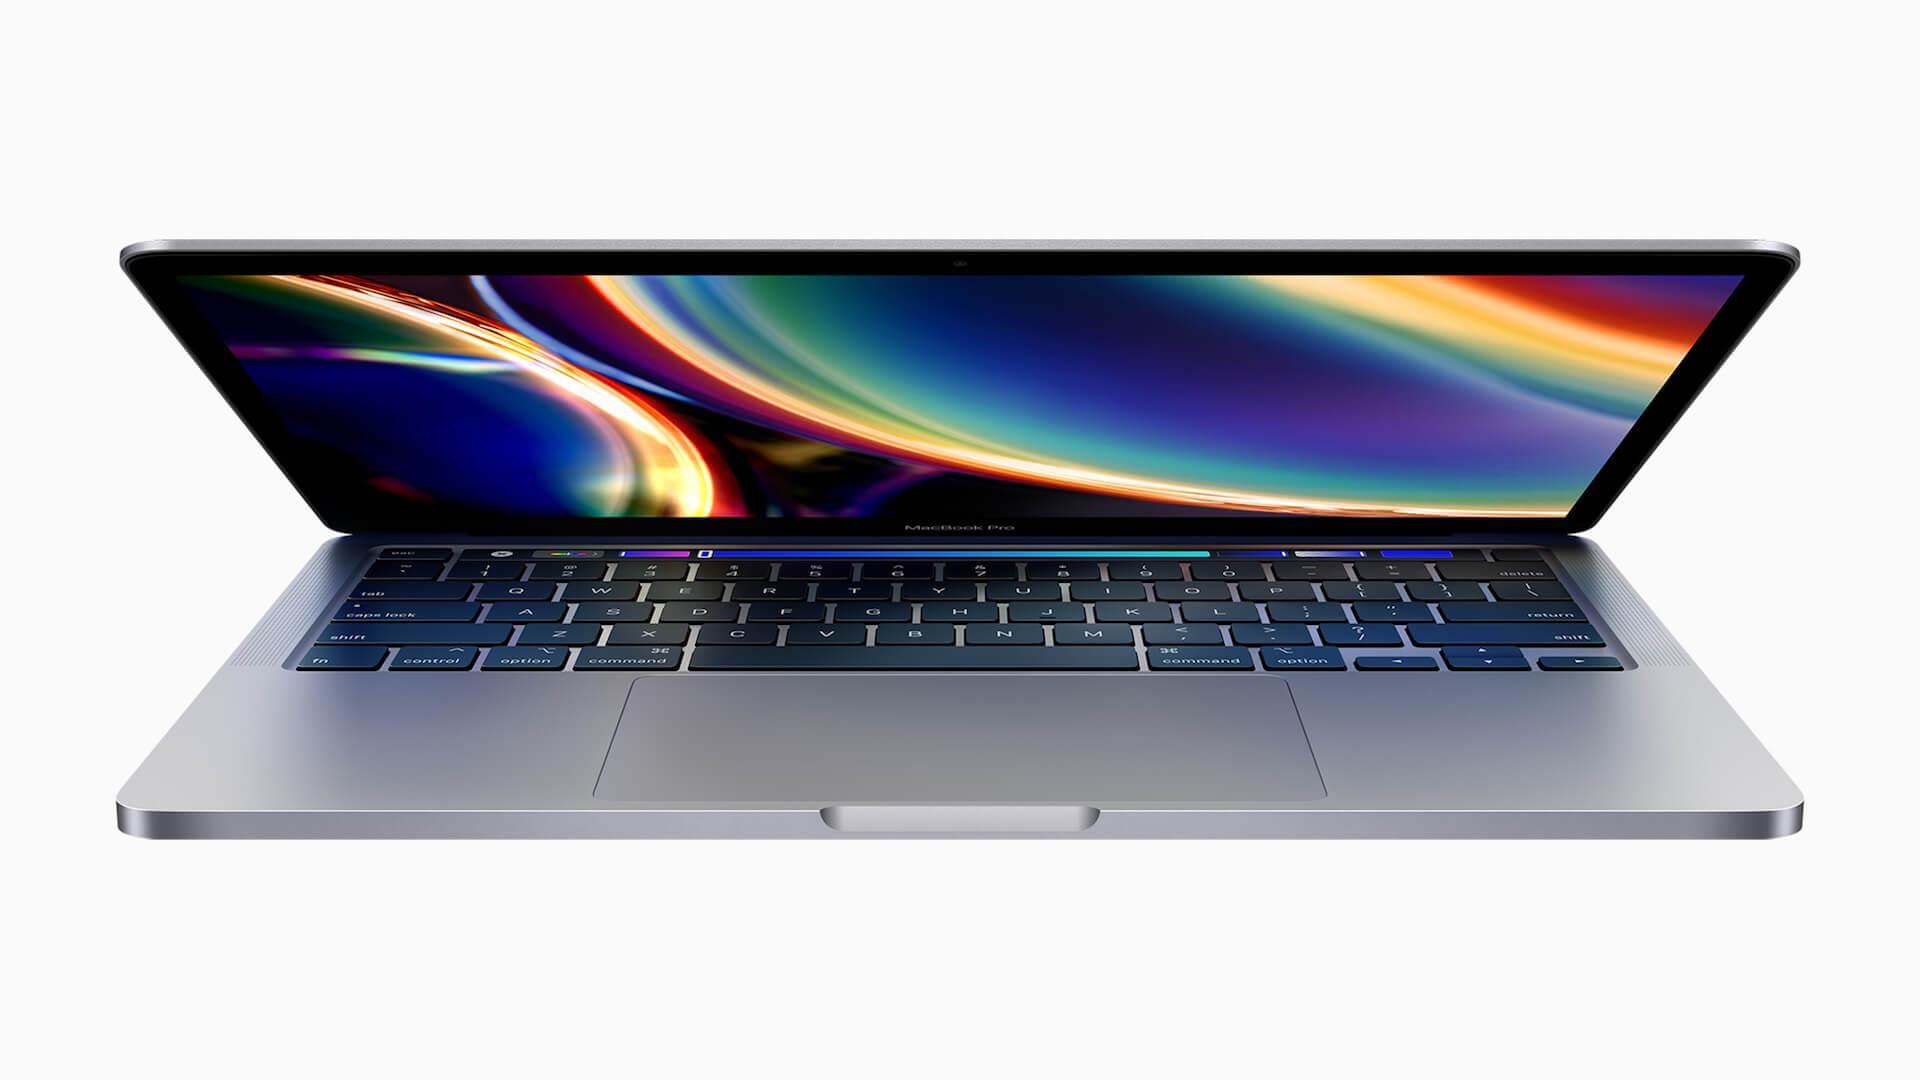 Apple独自のARMプロセッサ「Appleシリコン」搭載のMacシリーズ、やはり来月発表?11月の新製品発表イベント開催日が早くもリークか tech201016_applesilicon_mac_1